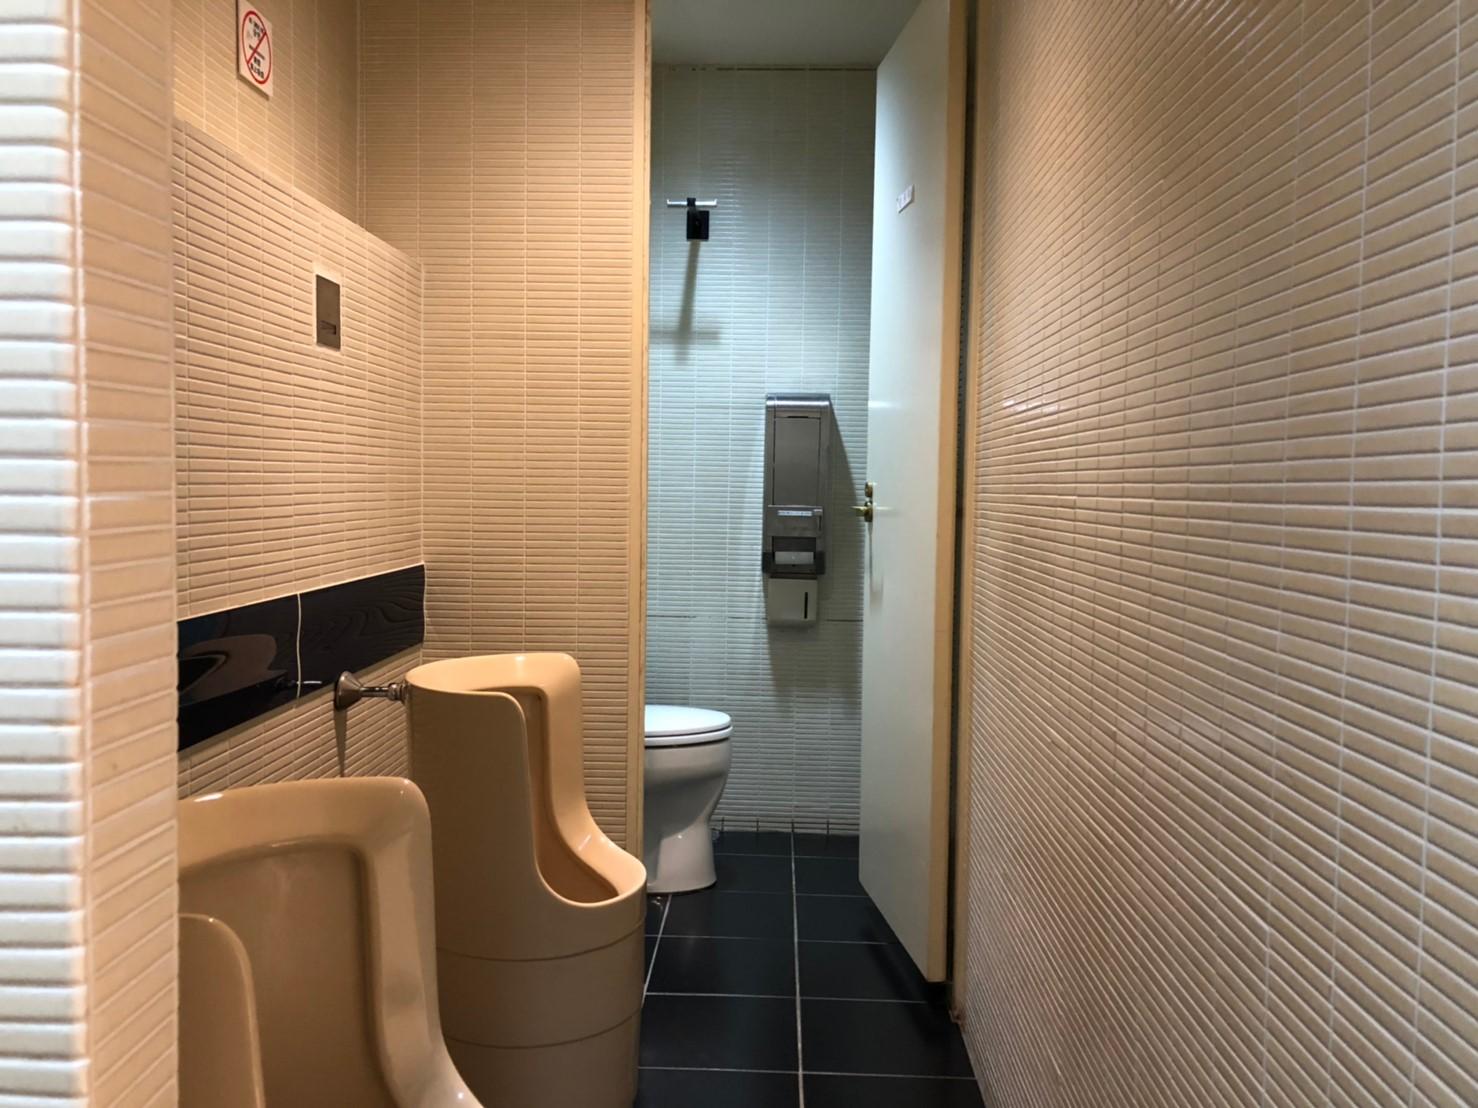 みんなの会議室 赤坂 | 男子トイレ